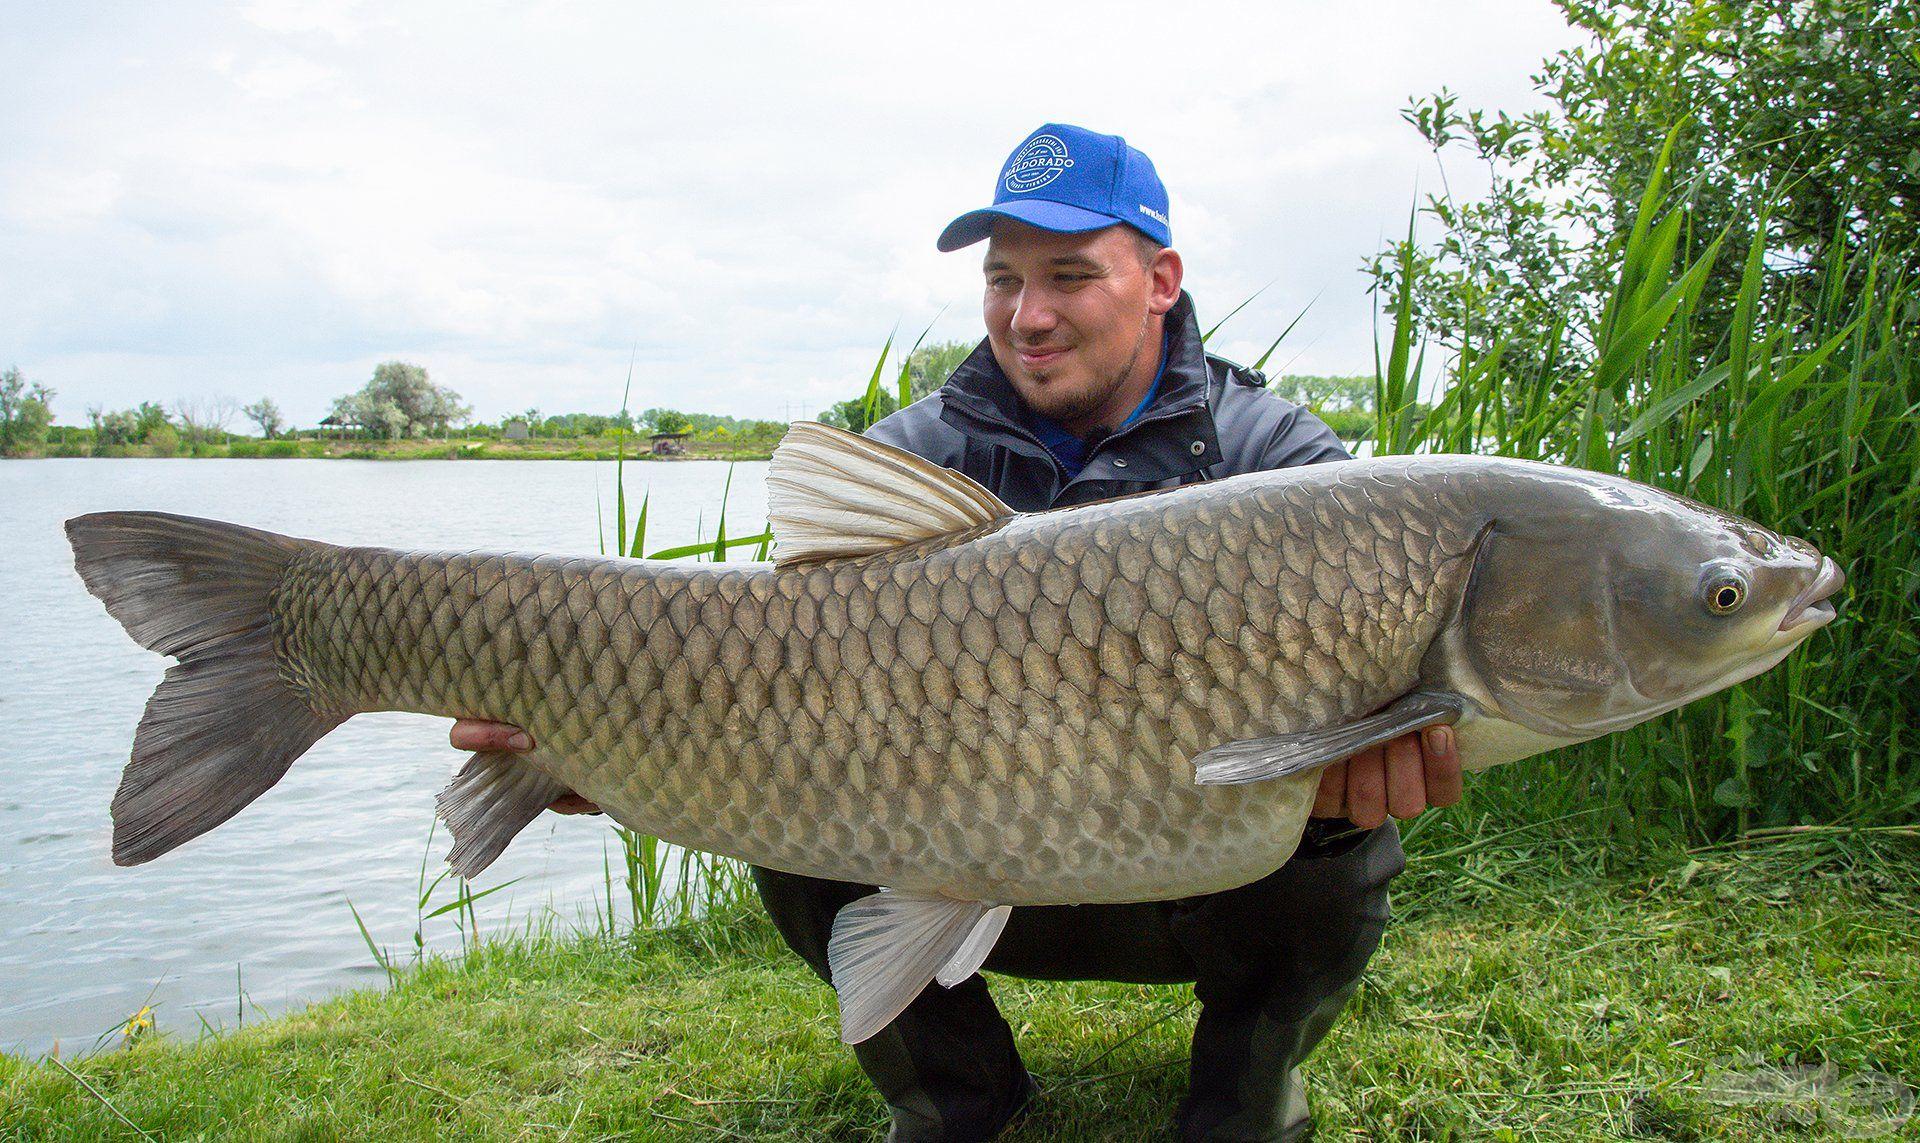 A legnagyobb amurom ez a 15 kg feletti példány volt, amit a Mátravíz horgásztóból sikerült kifognom